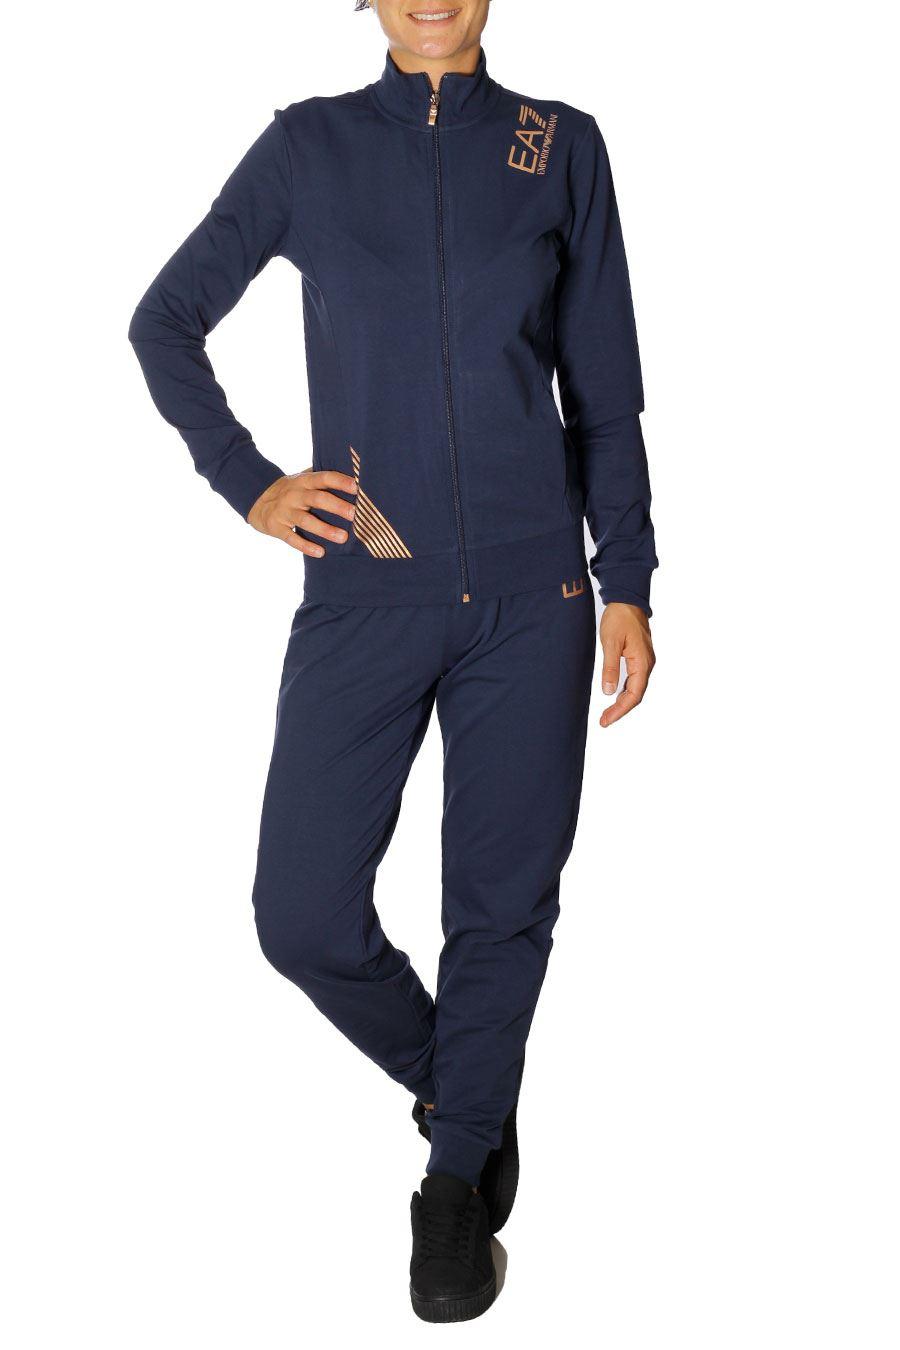 premium selection f4ca3 42b7e Machi di Mare - Shop online dei migliori marchi di moda